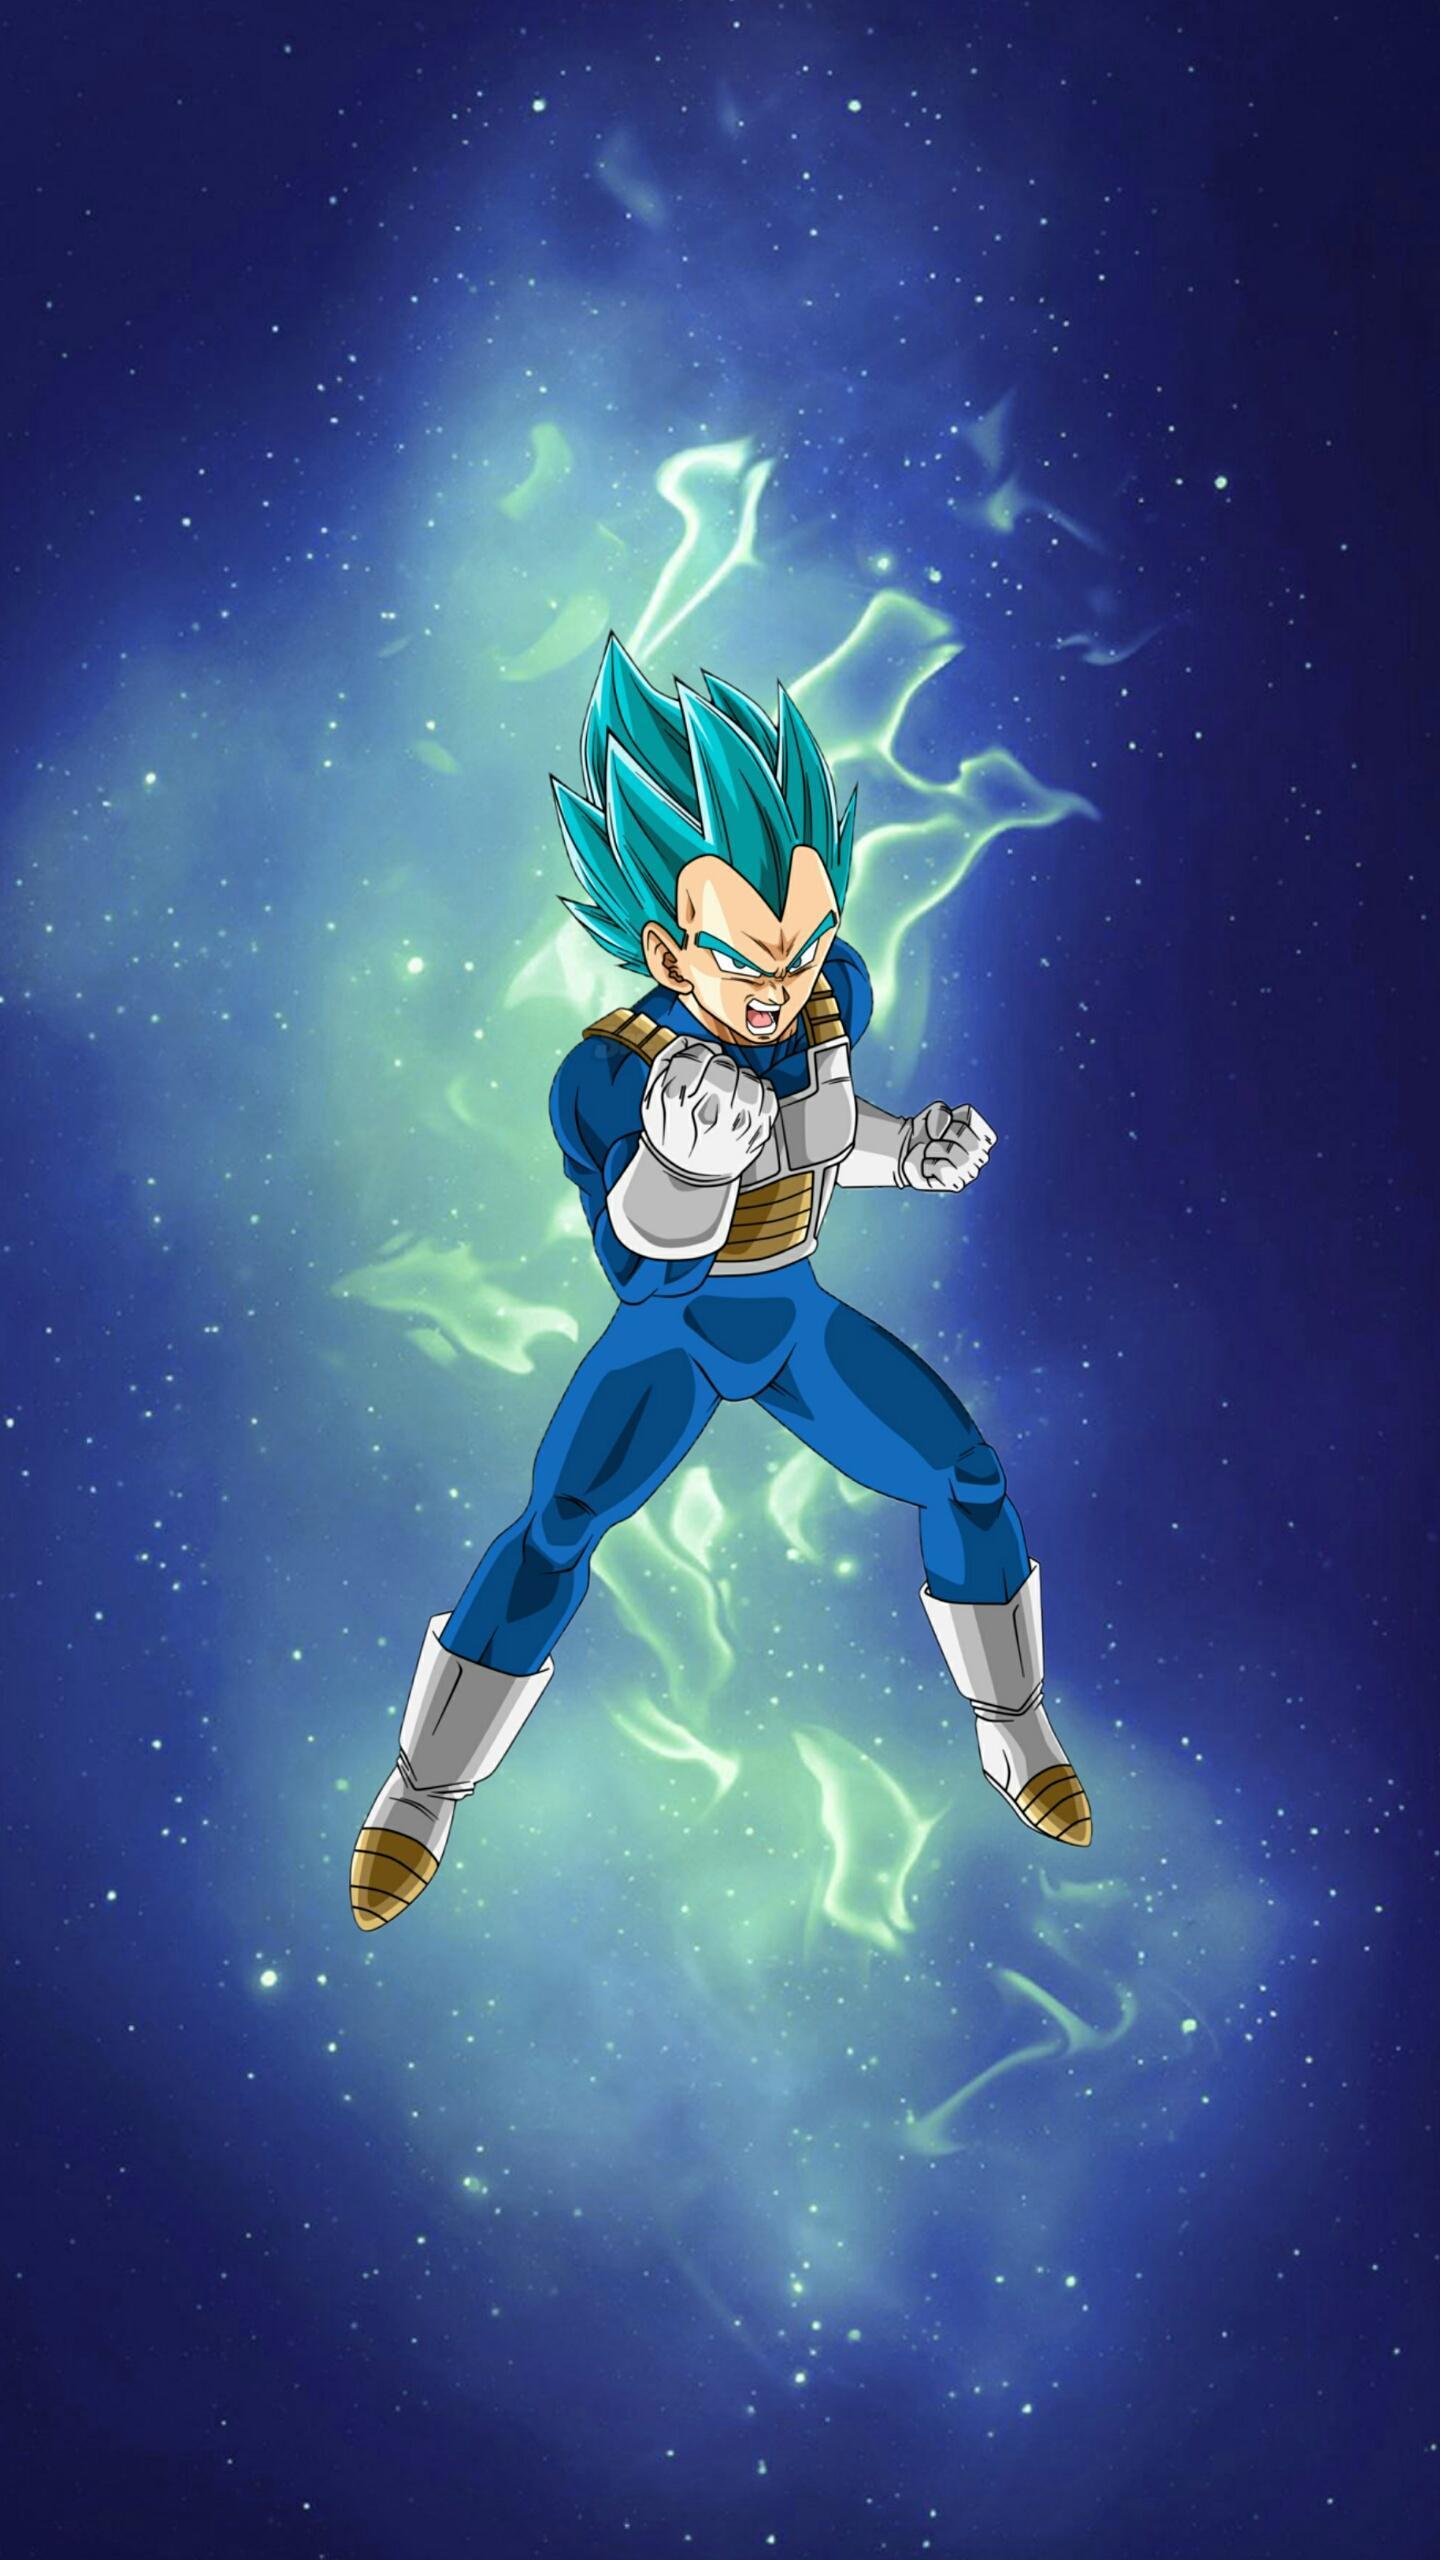 Goku Wallpaper Goku Dragon Ball Wallpaper Gif For Android